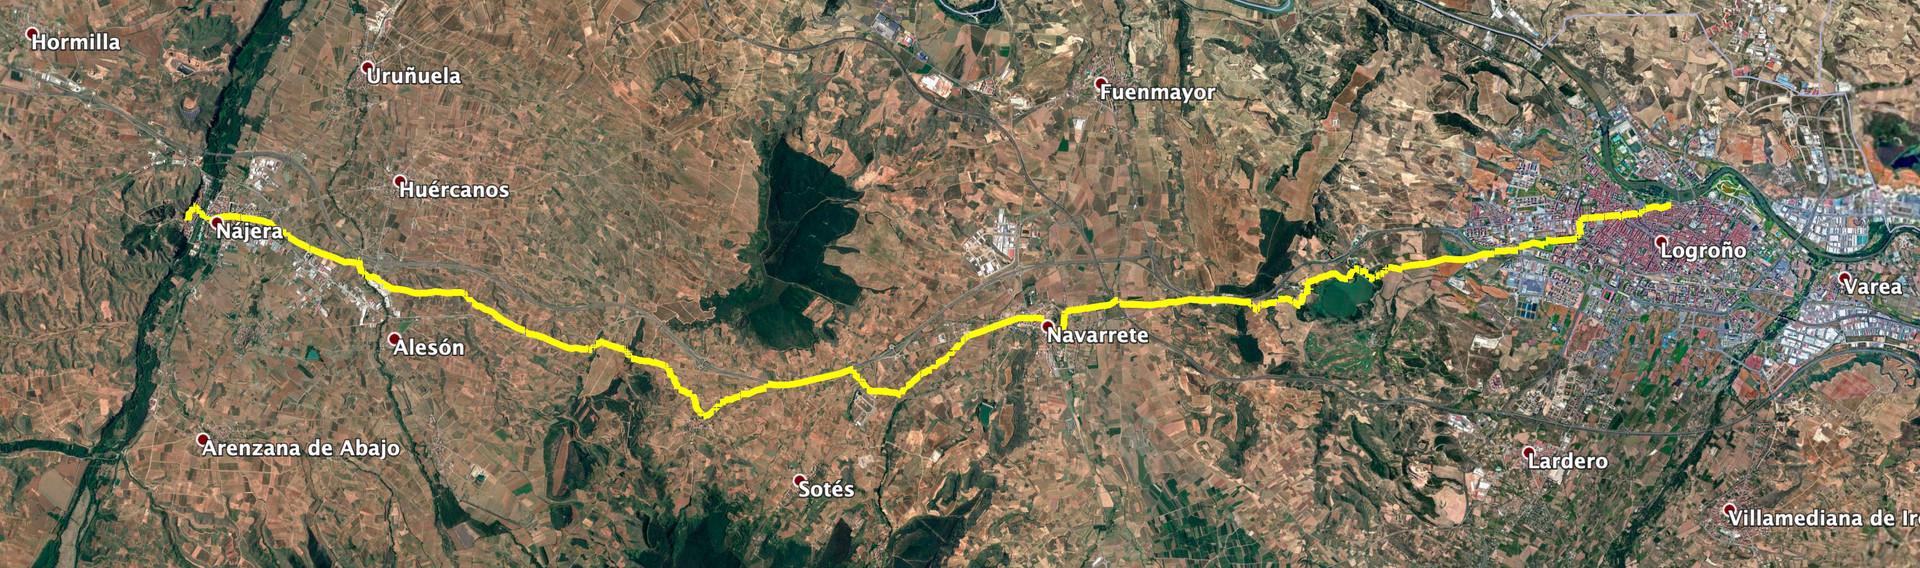 CF Day 09 Map.jpg